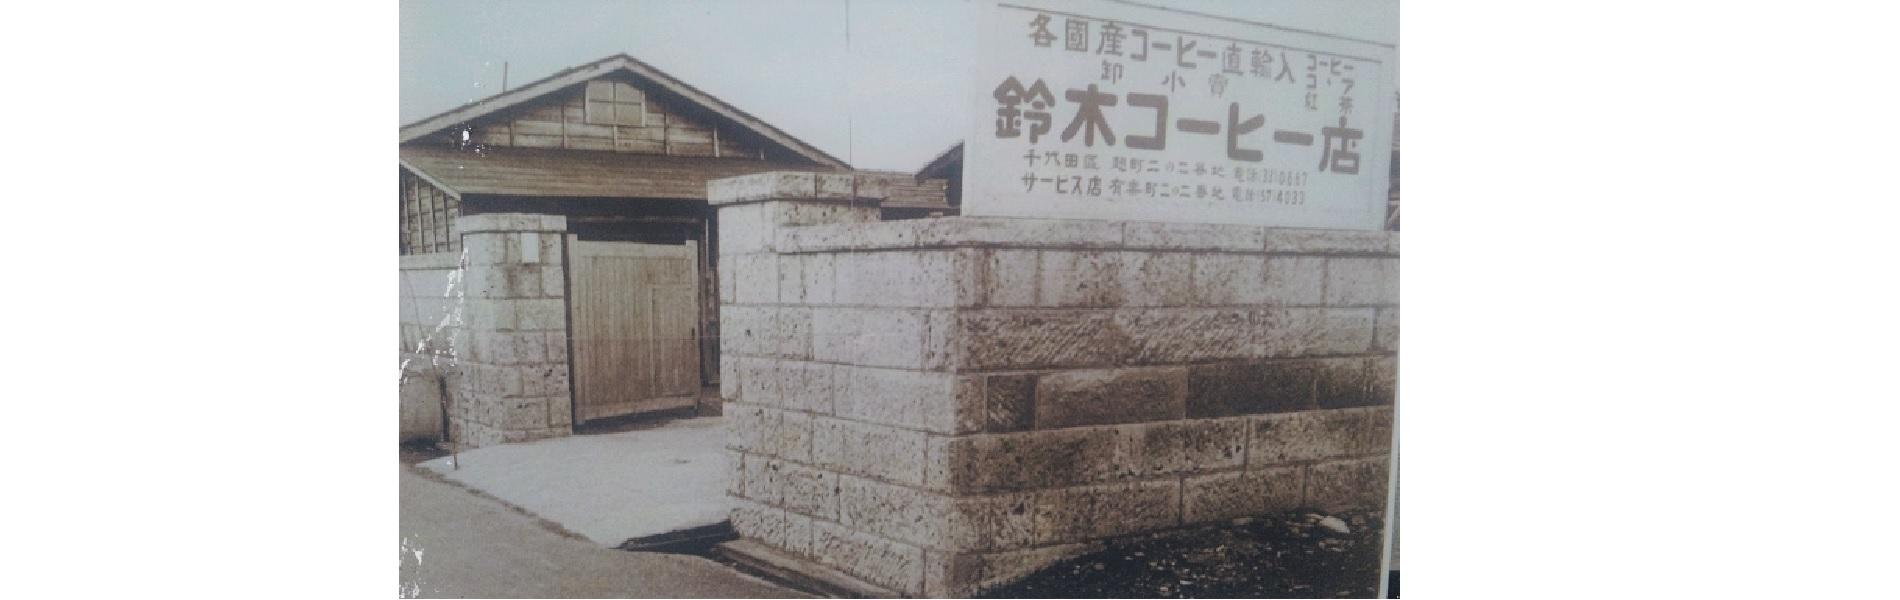 鈴木コーヒー店